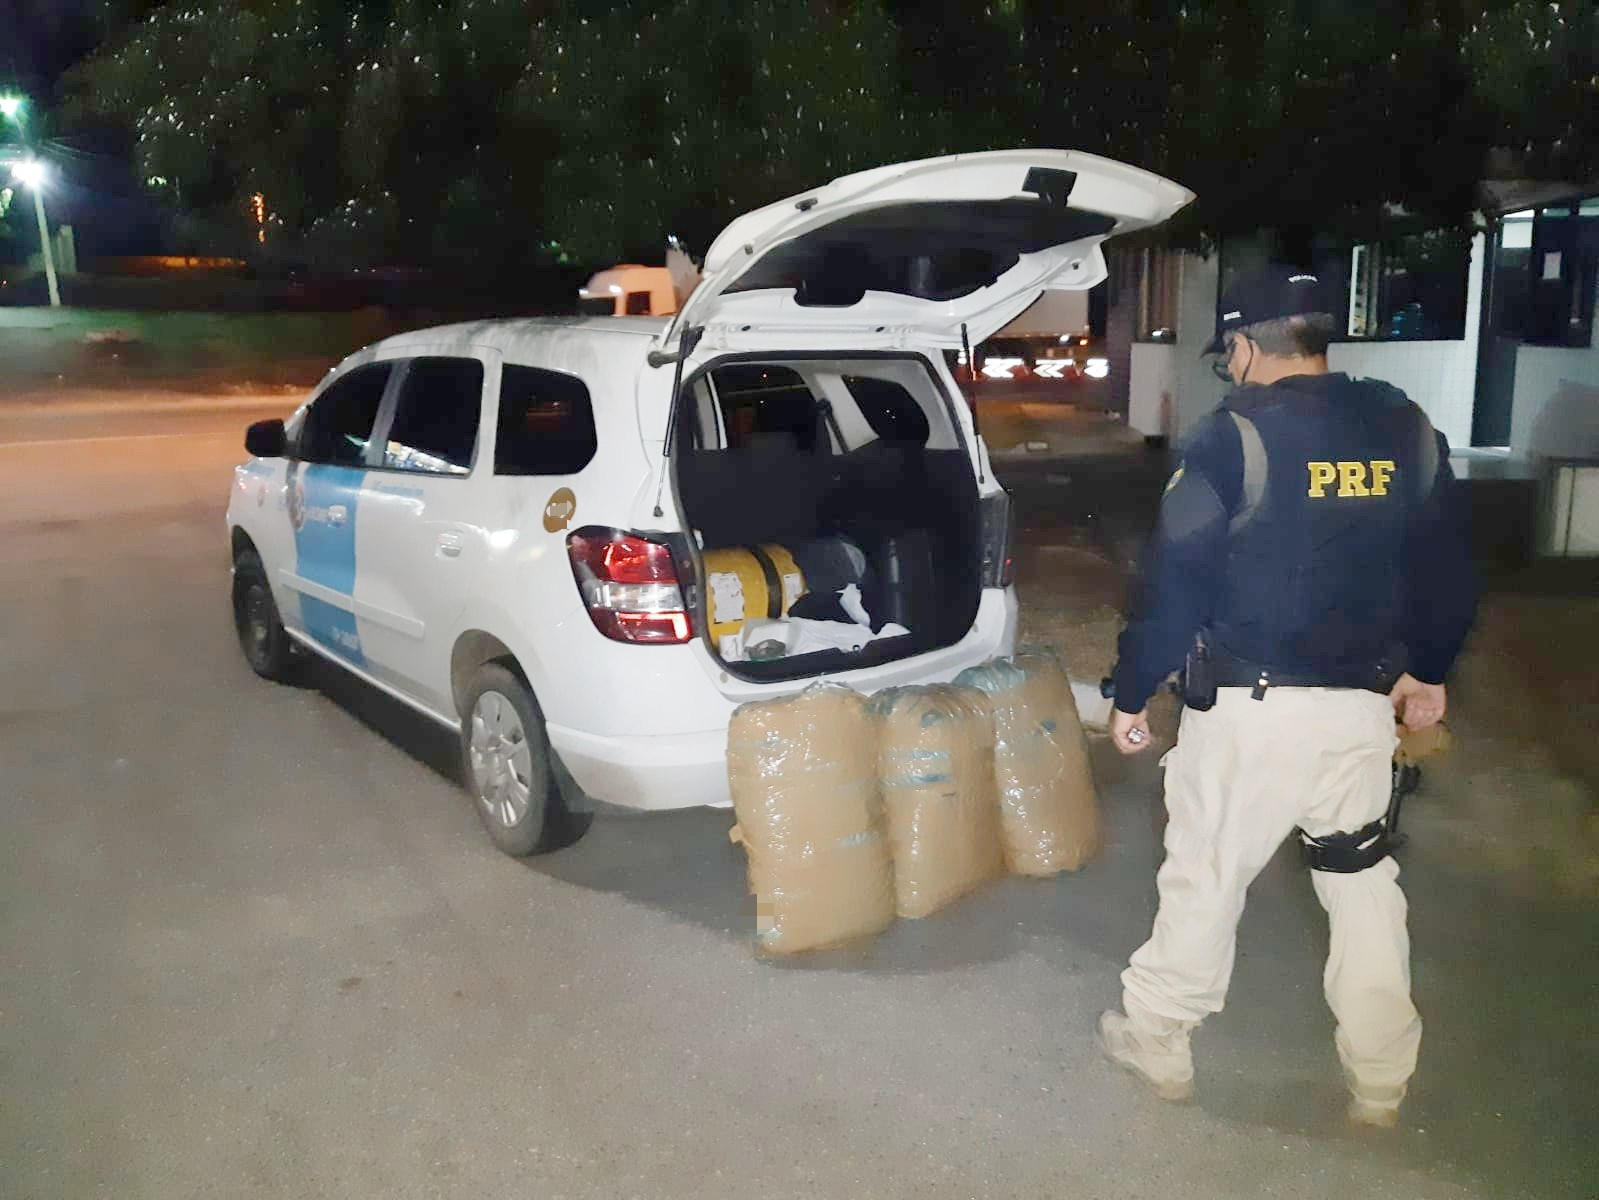 PRF apreende 30 kg de maconha com taxista e passageira em Caruaru